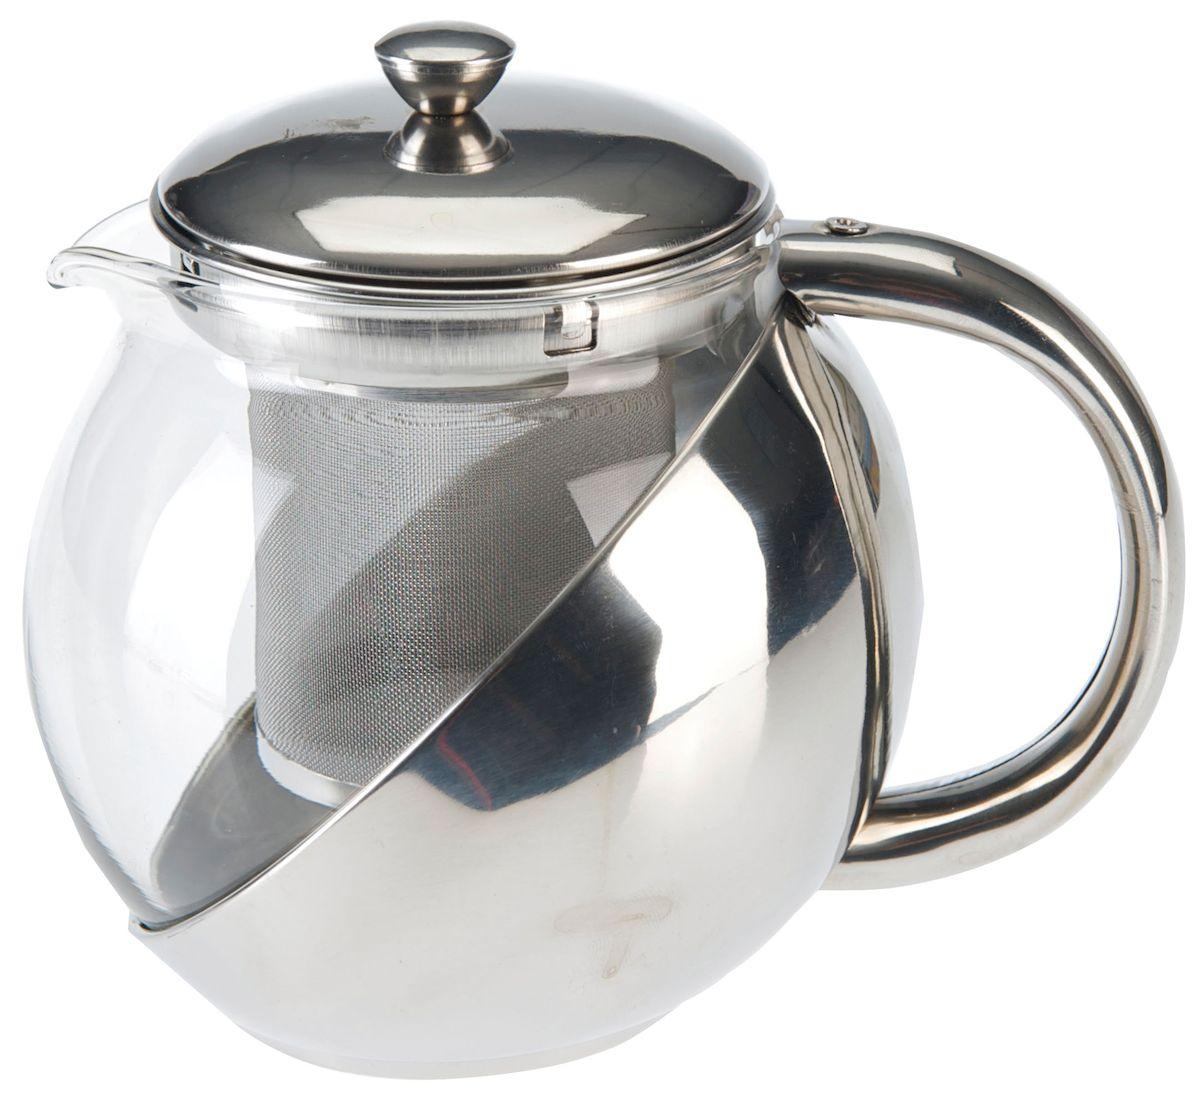 Чайник заварочный Axentia, с фильтром, 1,2 лCM000001328Заварочный чайник Axentia, изготовленный из термостойкого стекла,предоставит вам все необходимые возможности для успешного заваривания чая.Чай в таком чайнике дольше остается горячим, а полезные и ароматическиевещества полностью сохраняются в напитке. Чайник оснащен фильтром, выполненном из нержавеющей стали. Простой и удобный чайник поможет вам приготовить крепкий, ароматный чай.Нельзя мыть в посудомоечной машине. Не использовать в микроволновой печи.Диаметр чайника (по верхнему краю): 13 см.Высота чайника (без учета крышки): 15,5 см.